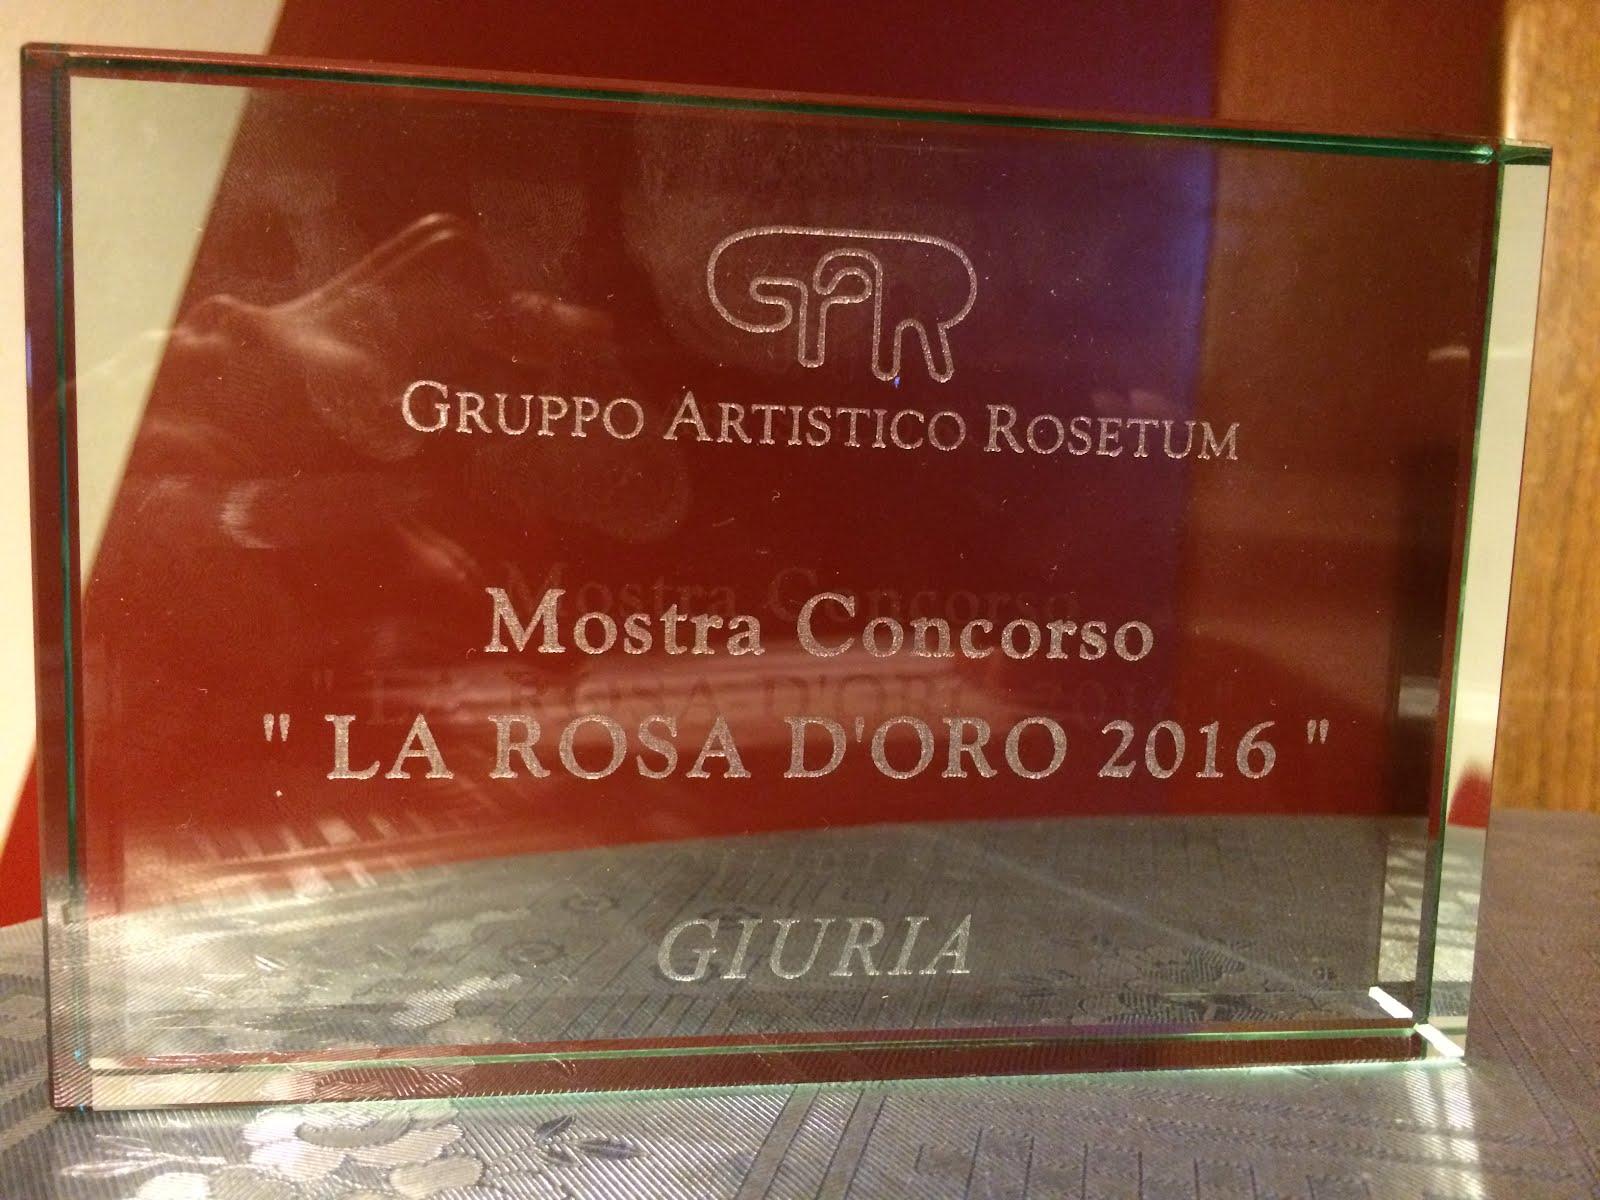 Elisabetta Mino, critico d'arte, al Rosetum di Milano - aprile 2016